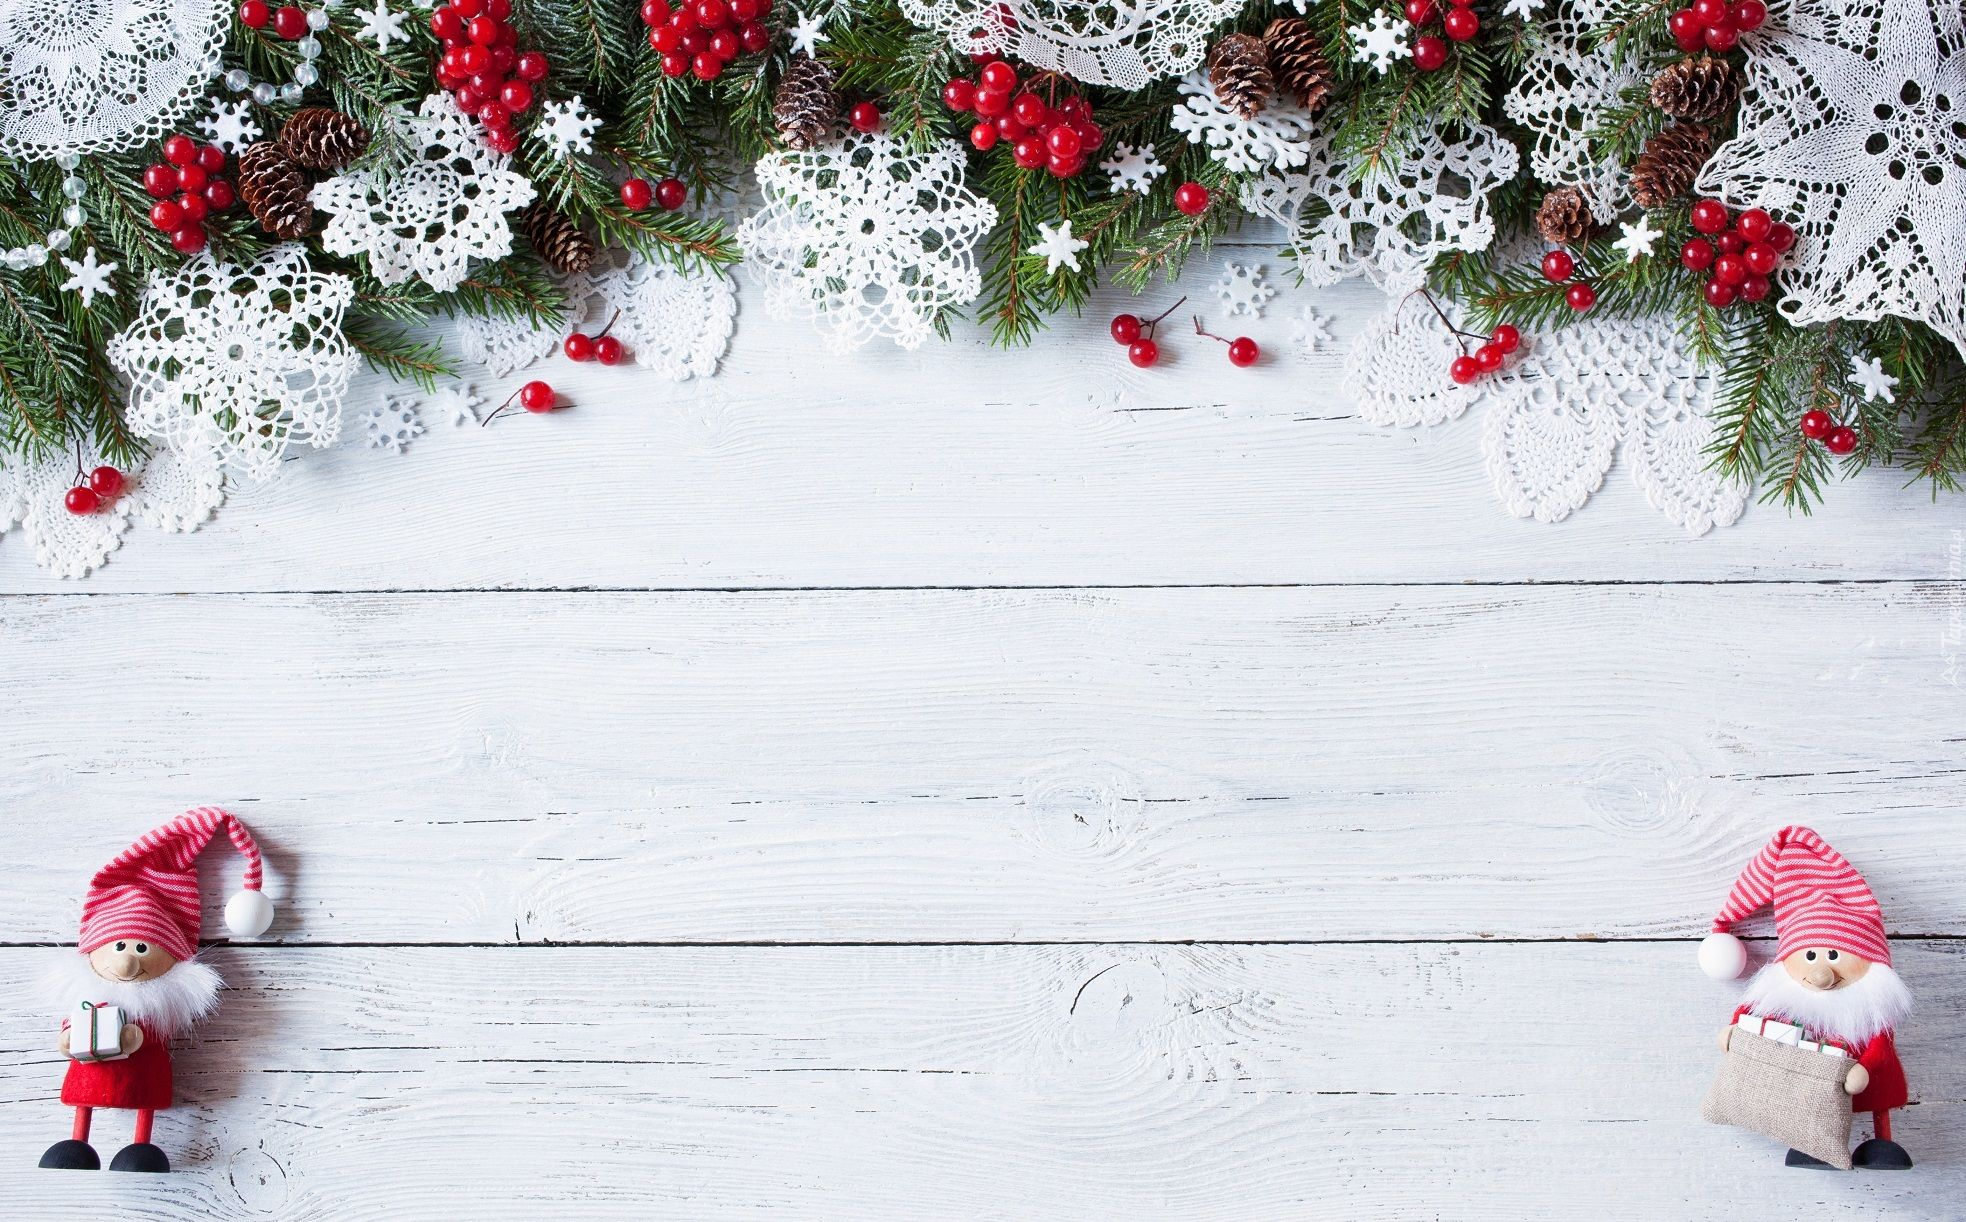 Dekoracja świąteczna Boże Narodzenie Gałązki świerka